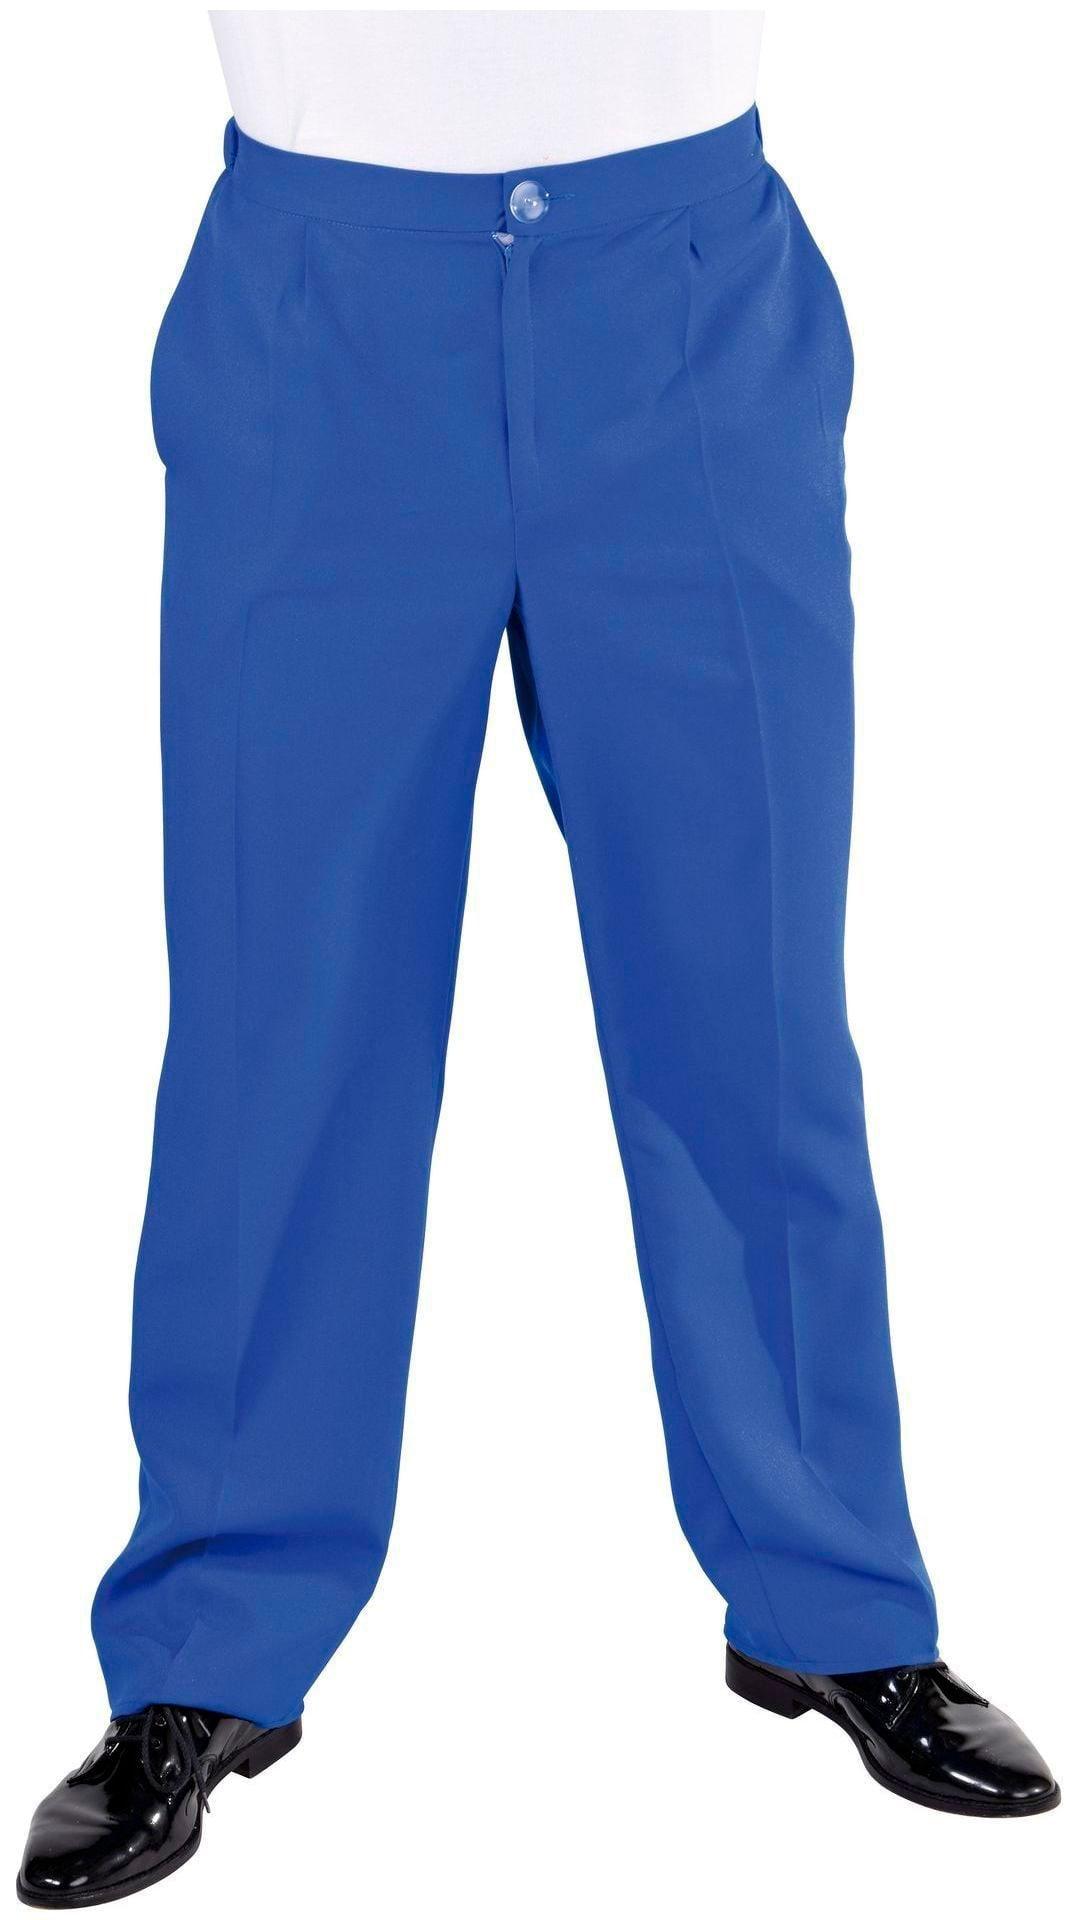 Blauwe pantalon heren